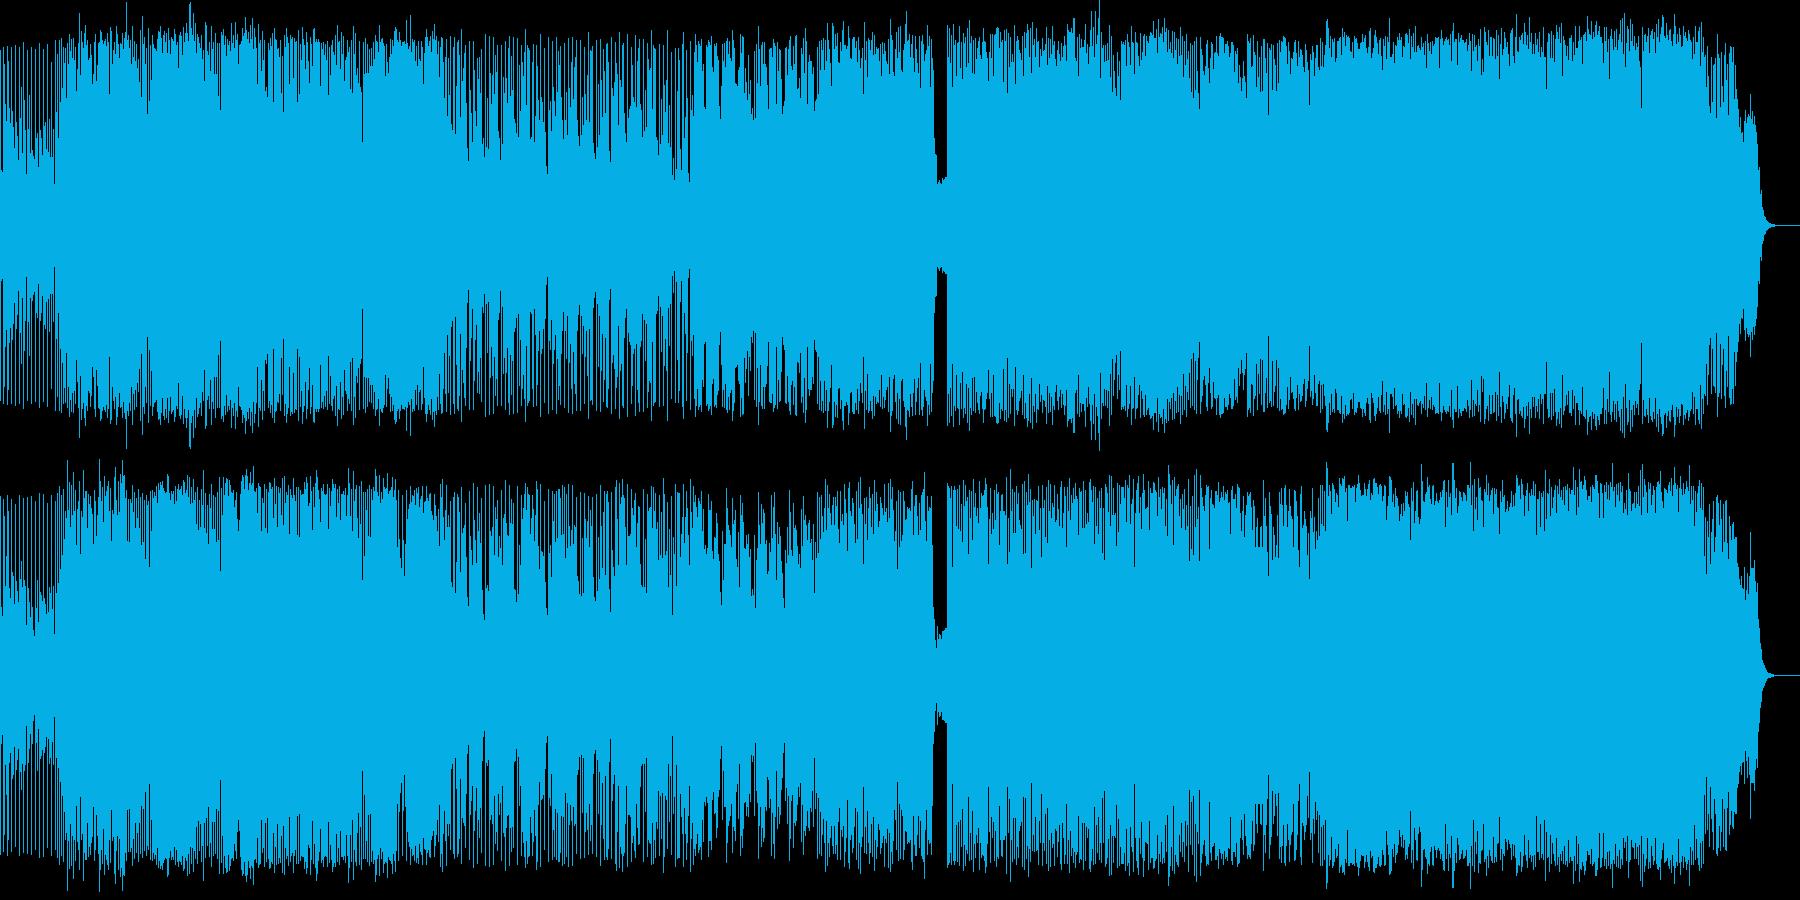 どこか懐かしい哀愁ある構成のインストの再生済みの波形